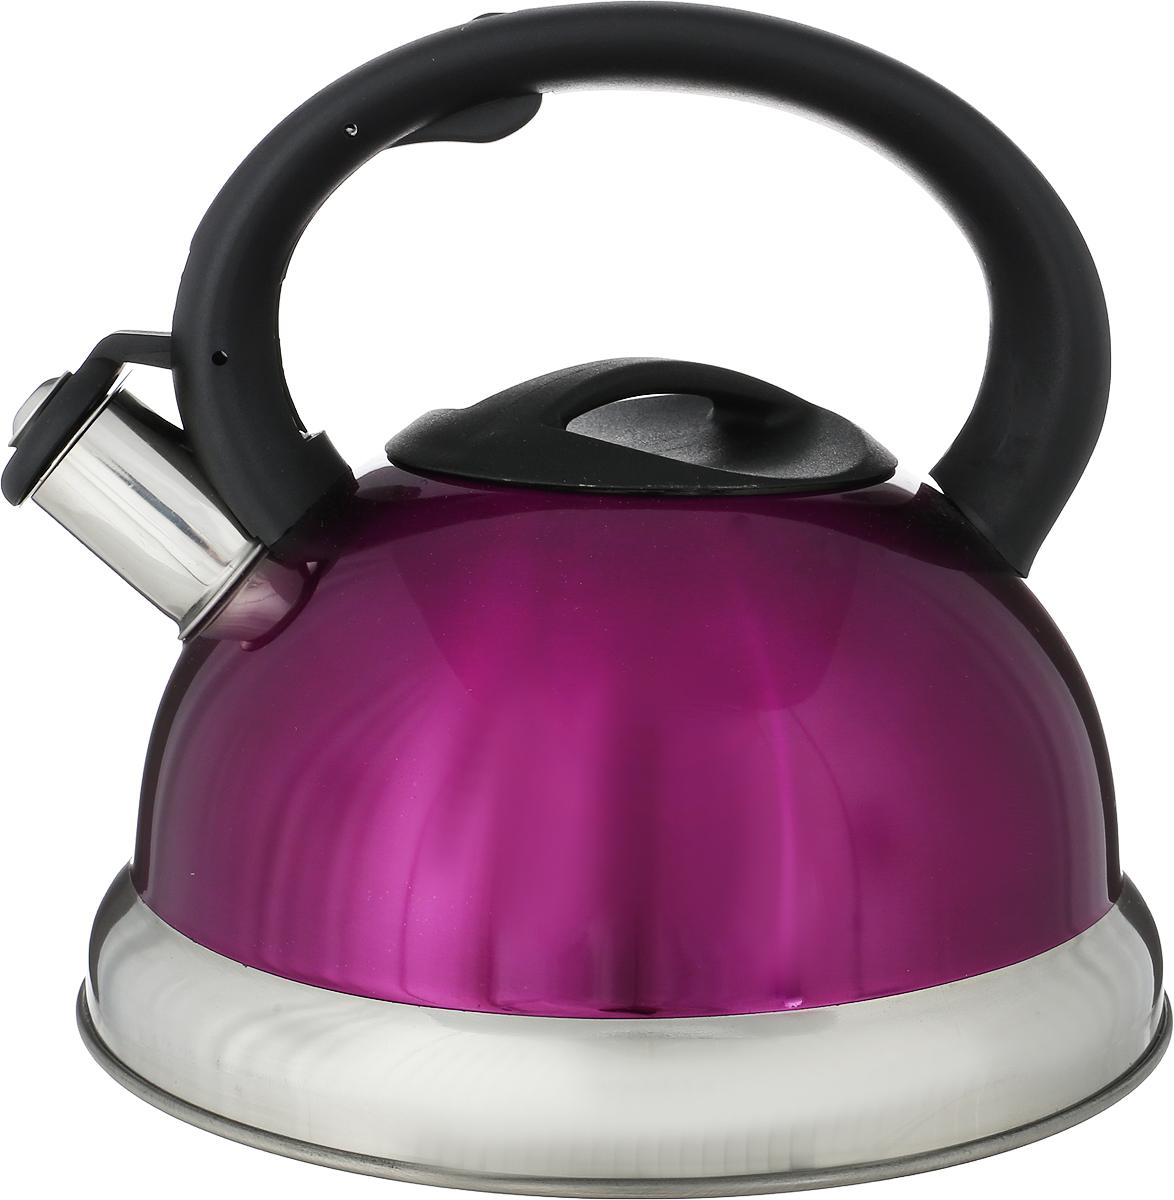 Чайник Bohmann, со свистком, цвет: фиолетовый, 3,5 л872 - BHLR/P/B_фиолетовыйЧайник Bohmann изготовлен из нержавеющей хромоникелевой стали с матовой полировкой.Высококачественная сталь представляет собой материал, из которого в течение нескольких десятилетий во всеммире производятся столовые приборы, кухонные инструменты и различные аксессуары. Этот материал обладаетвысокой стойкостью к коррозии и кислотам. Прочность, долговечность и надежность этого материала, а такжепервоклассная обработка обеспечивают практически неограниченный запас прочности и неизменнопривлекательный внешний вид.Чайник оснащен фиксированной удобной ручкой из бакелита черного цвета. Ручка не нагревается, чтопредотвращает появление ожогов и обеспечивает безопасность использования. Носик чайника имеет откиднойсвисток для определения кипения.Можно использовать на всех типах плит, кроме индукционных. Можно мыть в посудомоечной машине.Диаметр (по верхнему краю): 9 см. Высота чайника (без учета ручки): 12 см. Высота чайника (с учетом ручки): 20,5 см. Диаметр основания: 20 см.